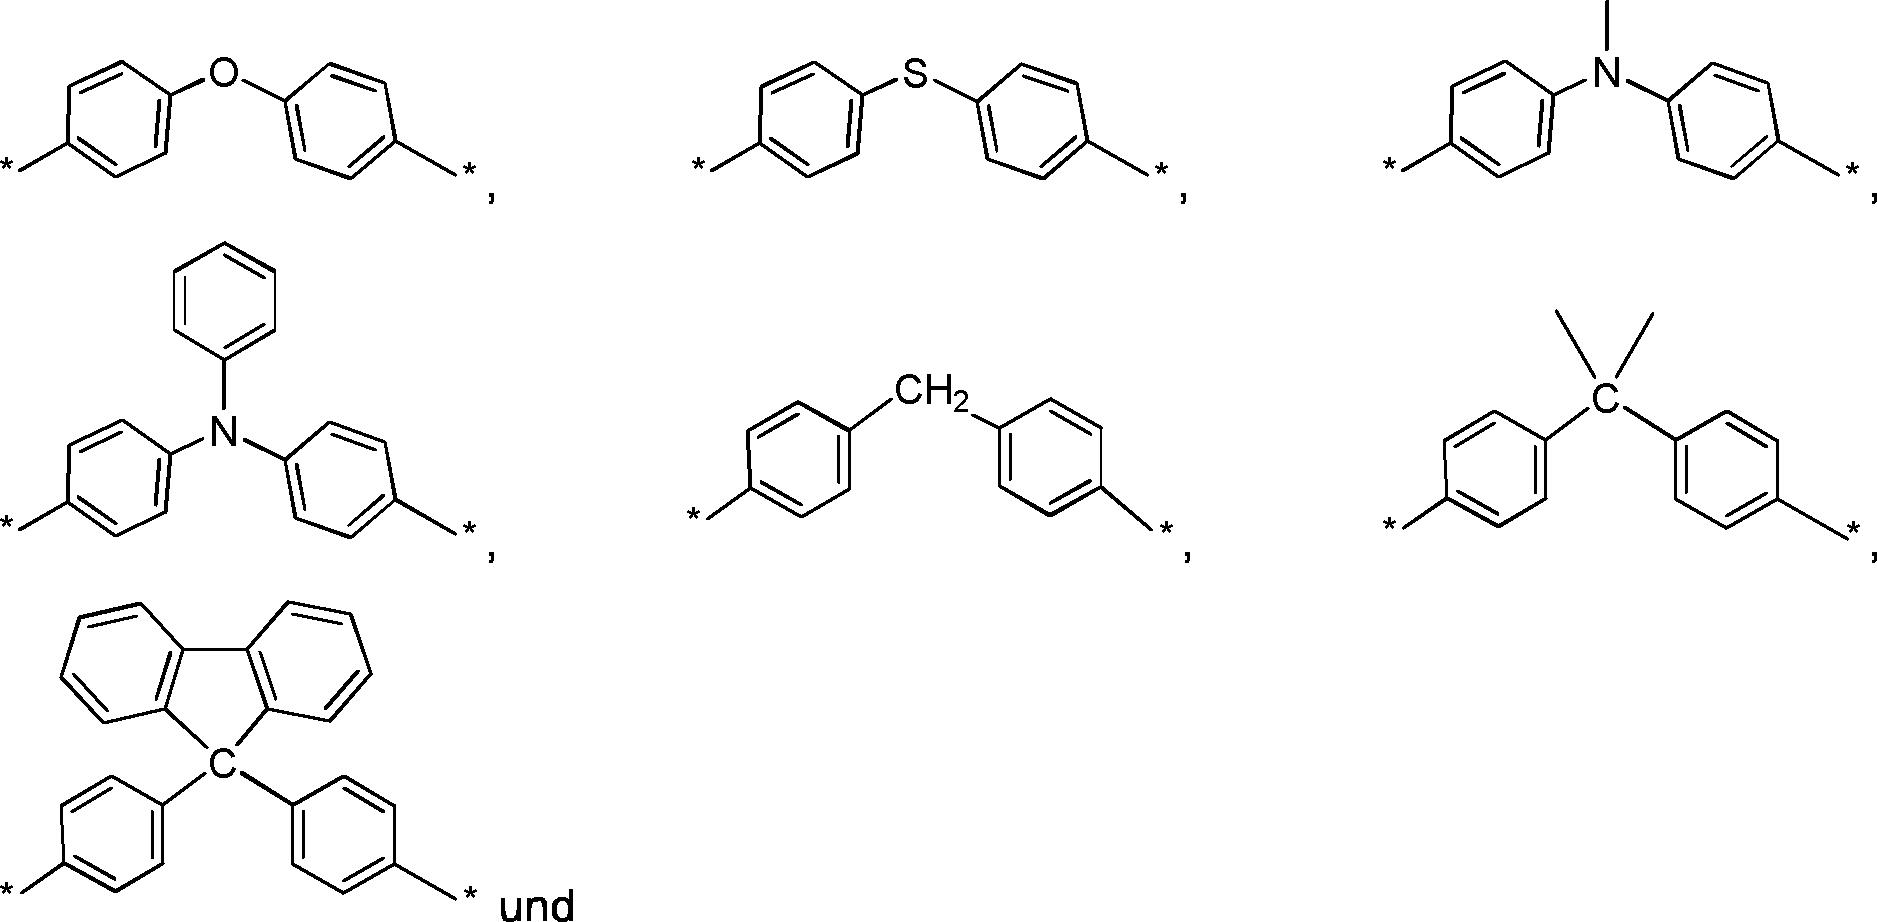 Figure DE112014004152T5_0020